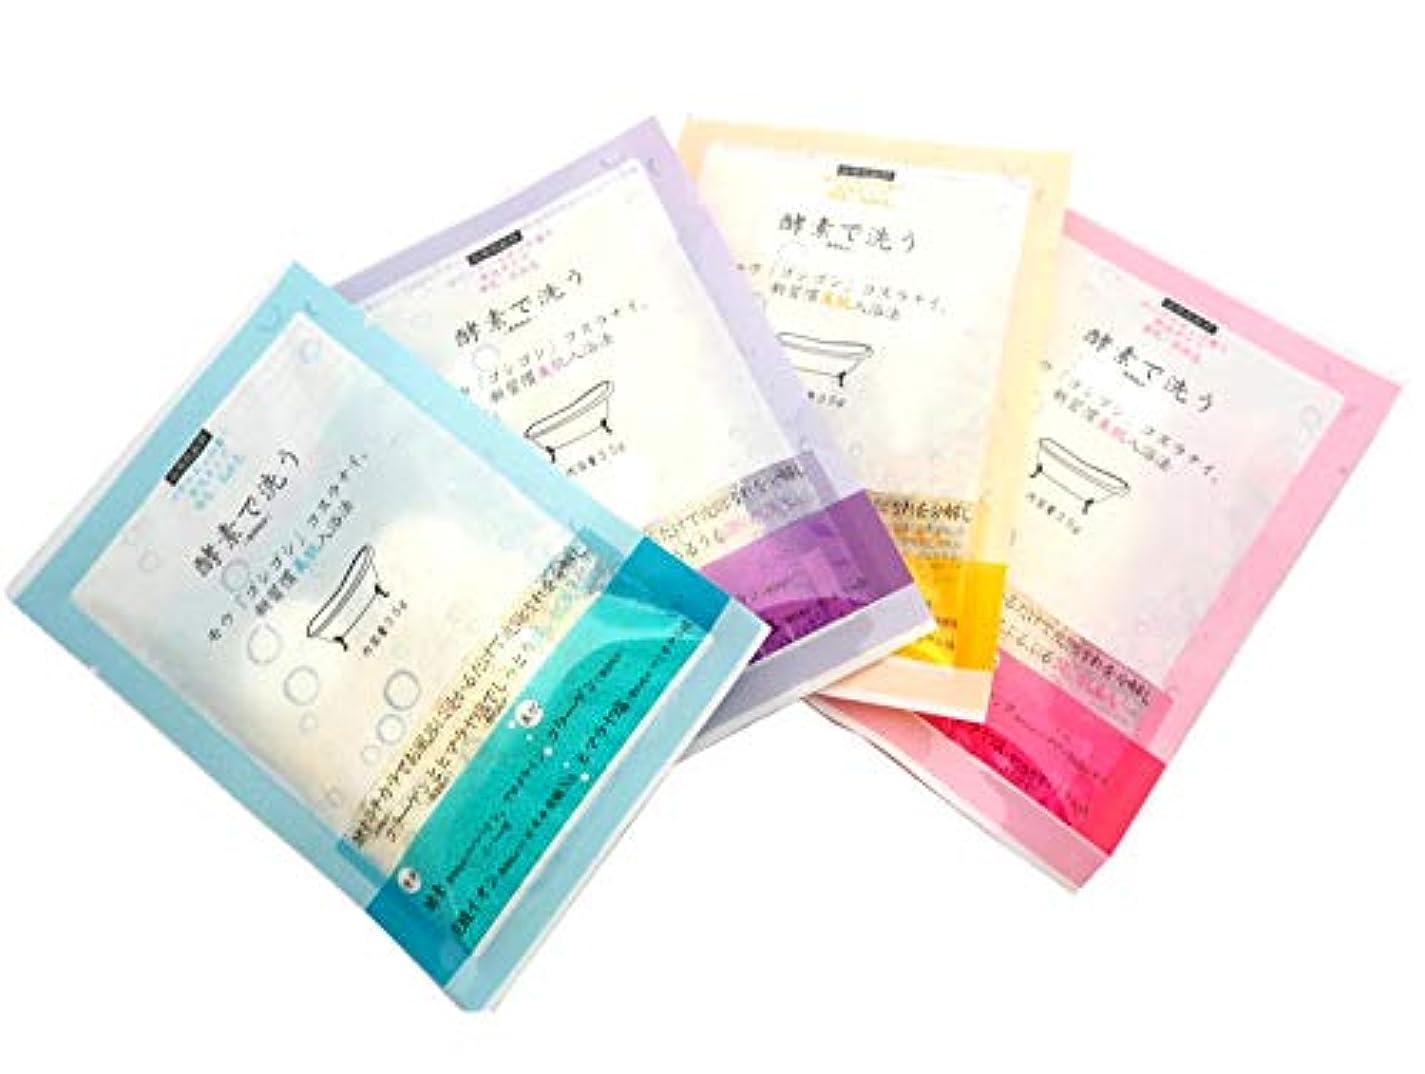 カーテン和ブラザー酵素で洗う入浴料 35g 4種詰め合わせセット 12個入り